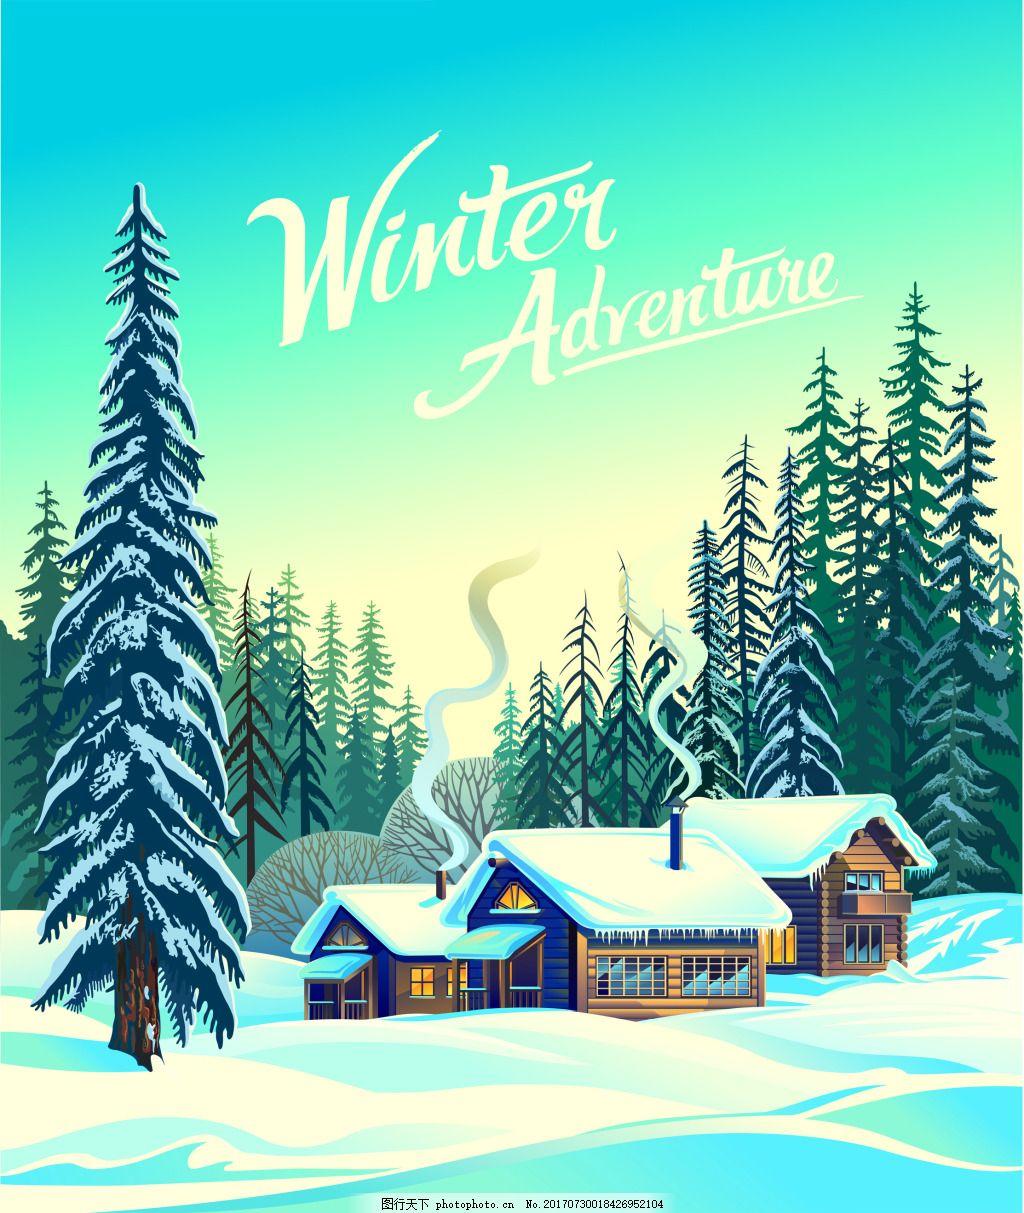 冬天里的风景插画 树木 雪景 小木屋 雪松 唯美 蓝天 下雪